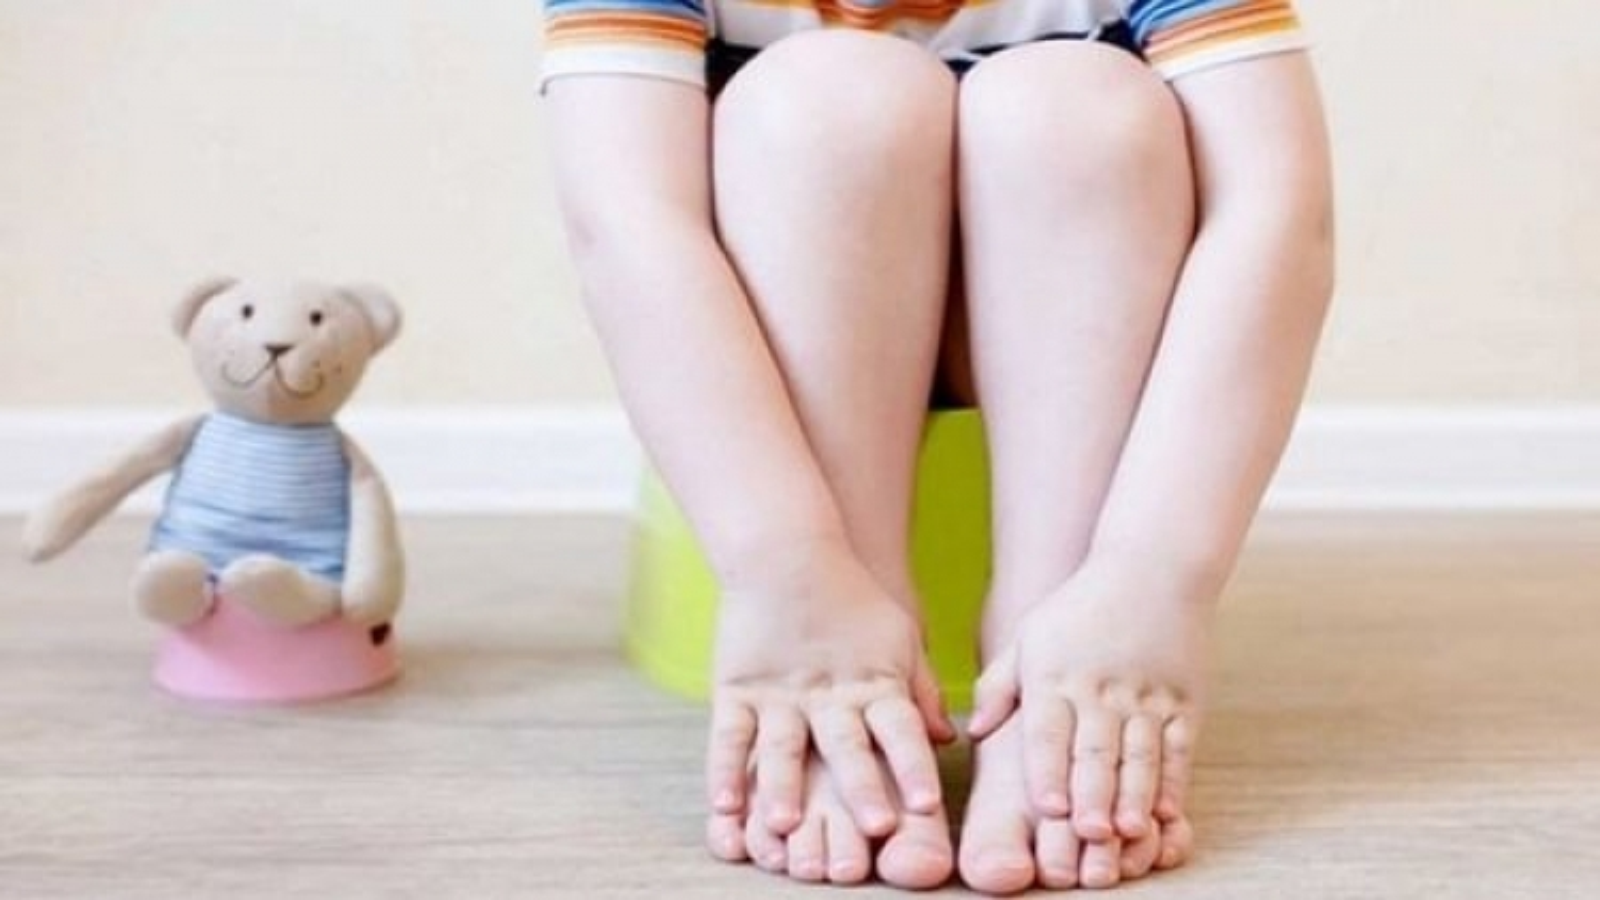 Bố mẹ chủ quan khiến trẻ bị táo bón phải cắt đại tràng